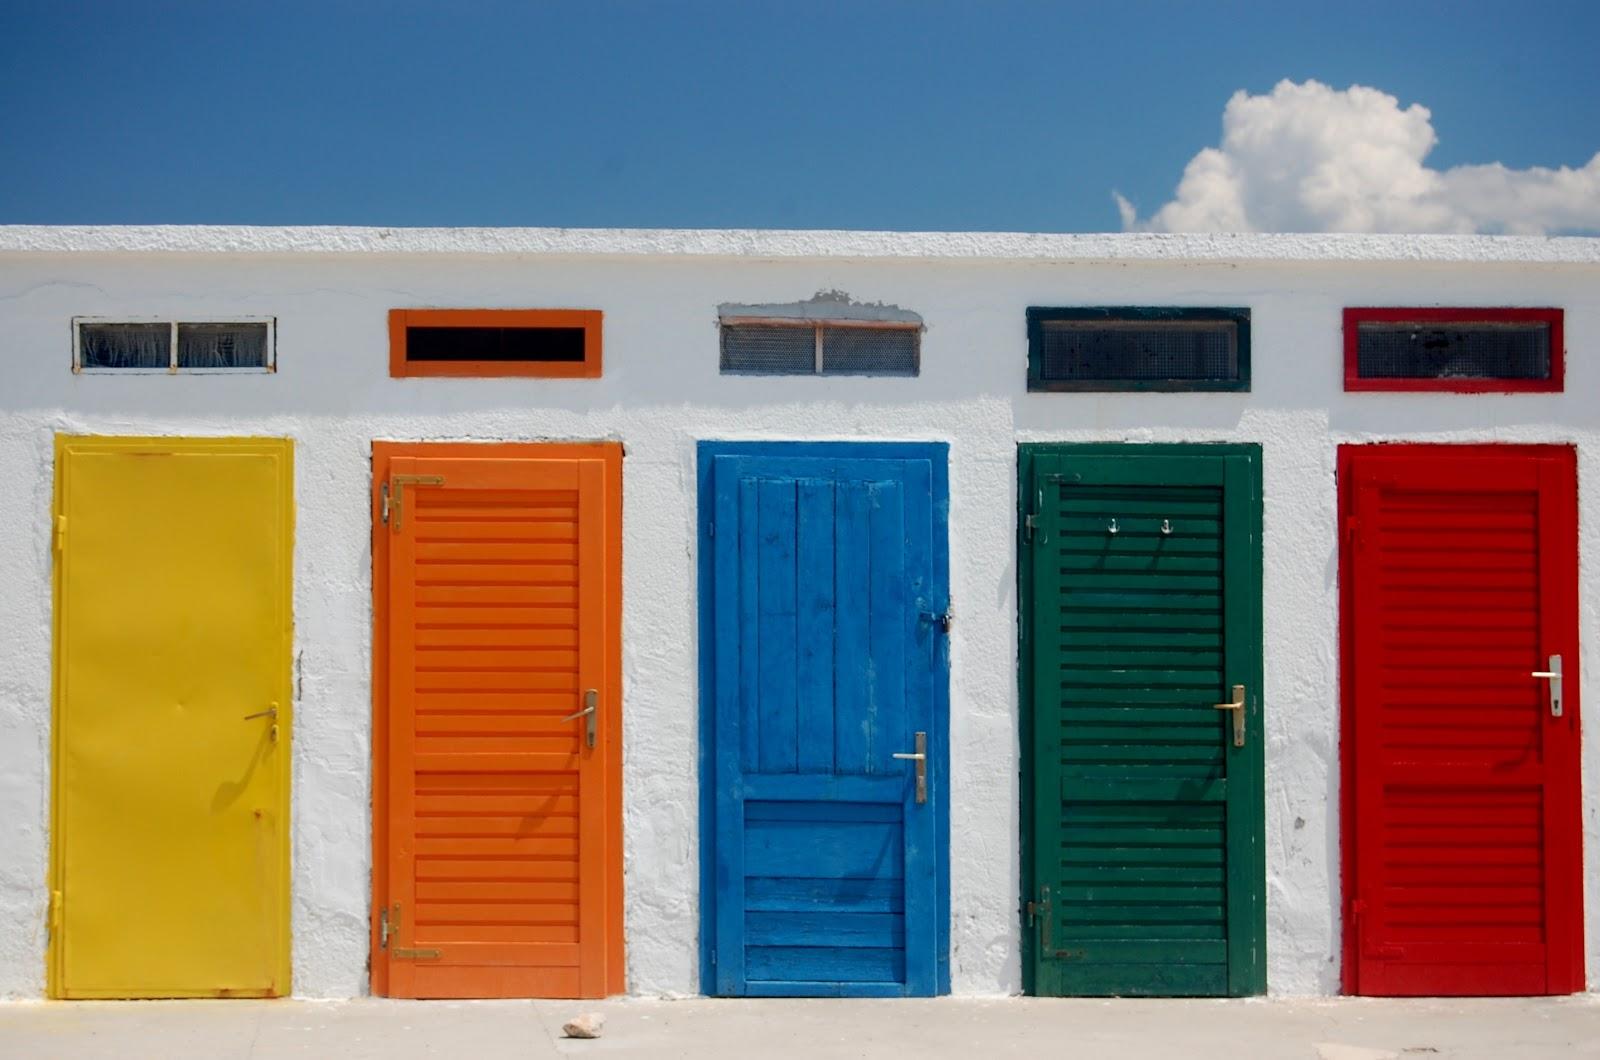 色鮮やかな黄と橙と青と緑と赤の五つのドアが並んでいる